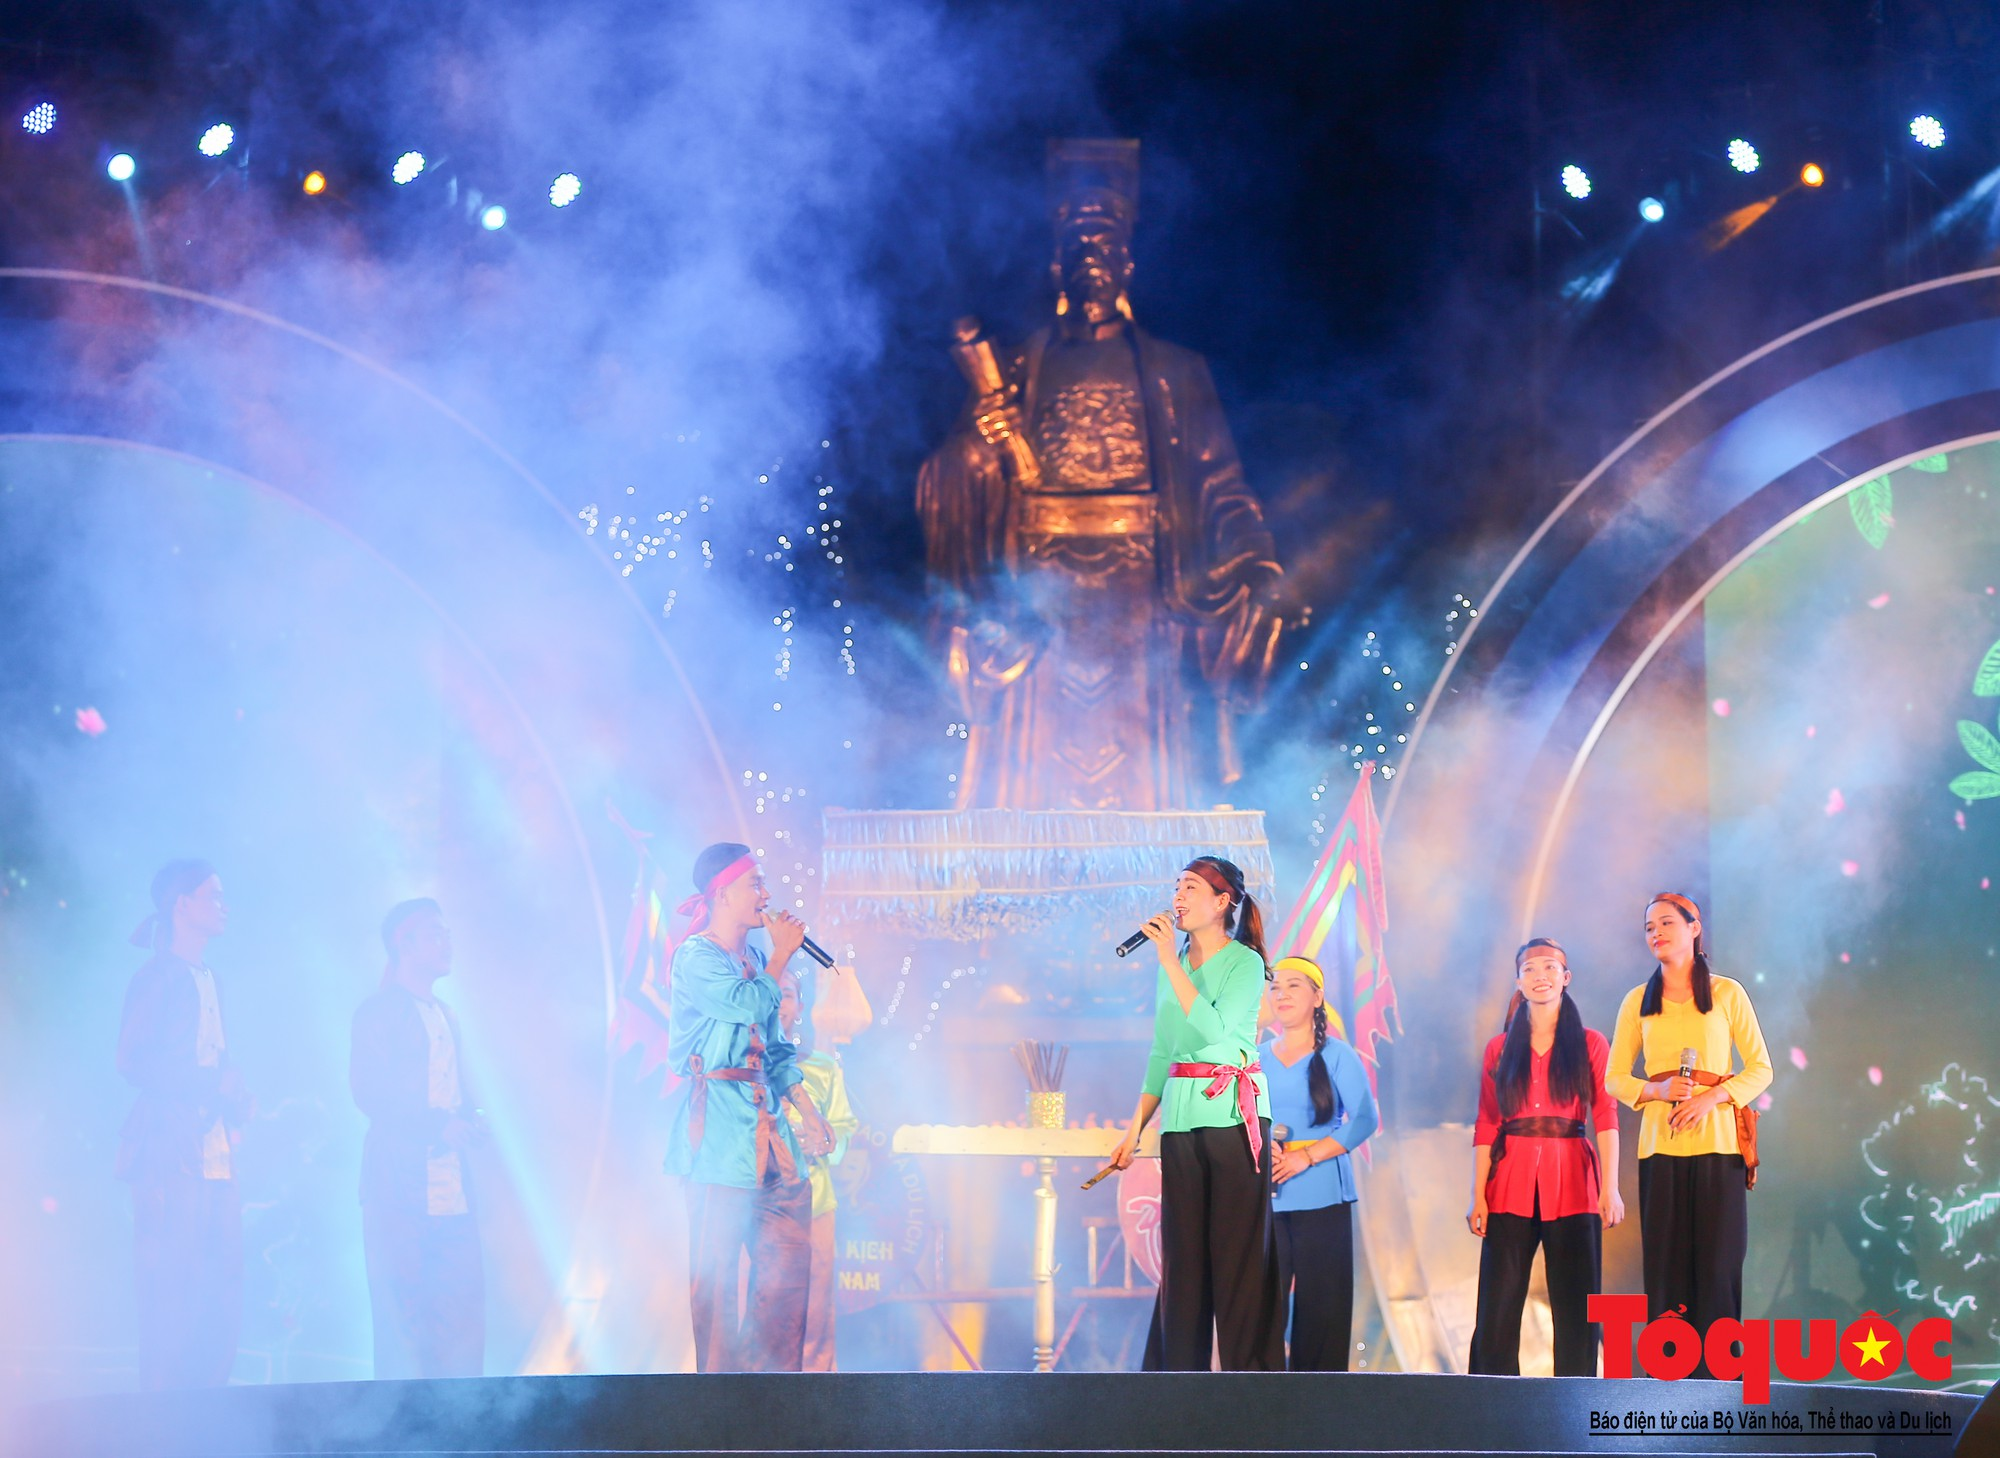 """Ấn tượng chương trình nghệ thuật kỷ niệm 20 năm Hà Nội - """"Thành phố Vì hòa bình"""" - Ảnh 16."""